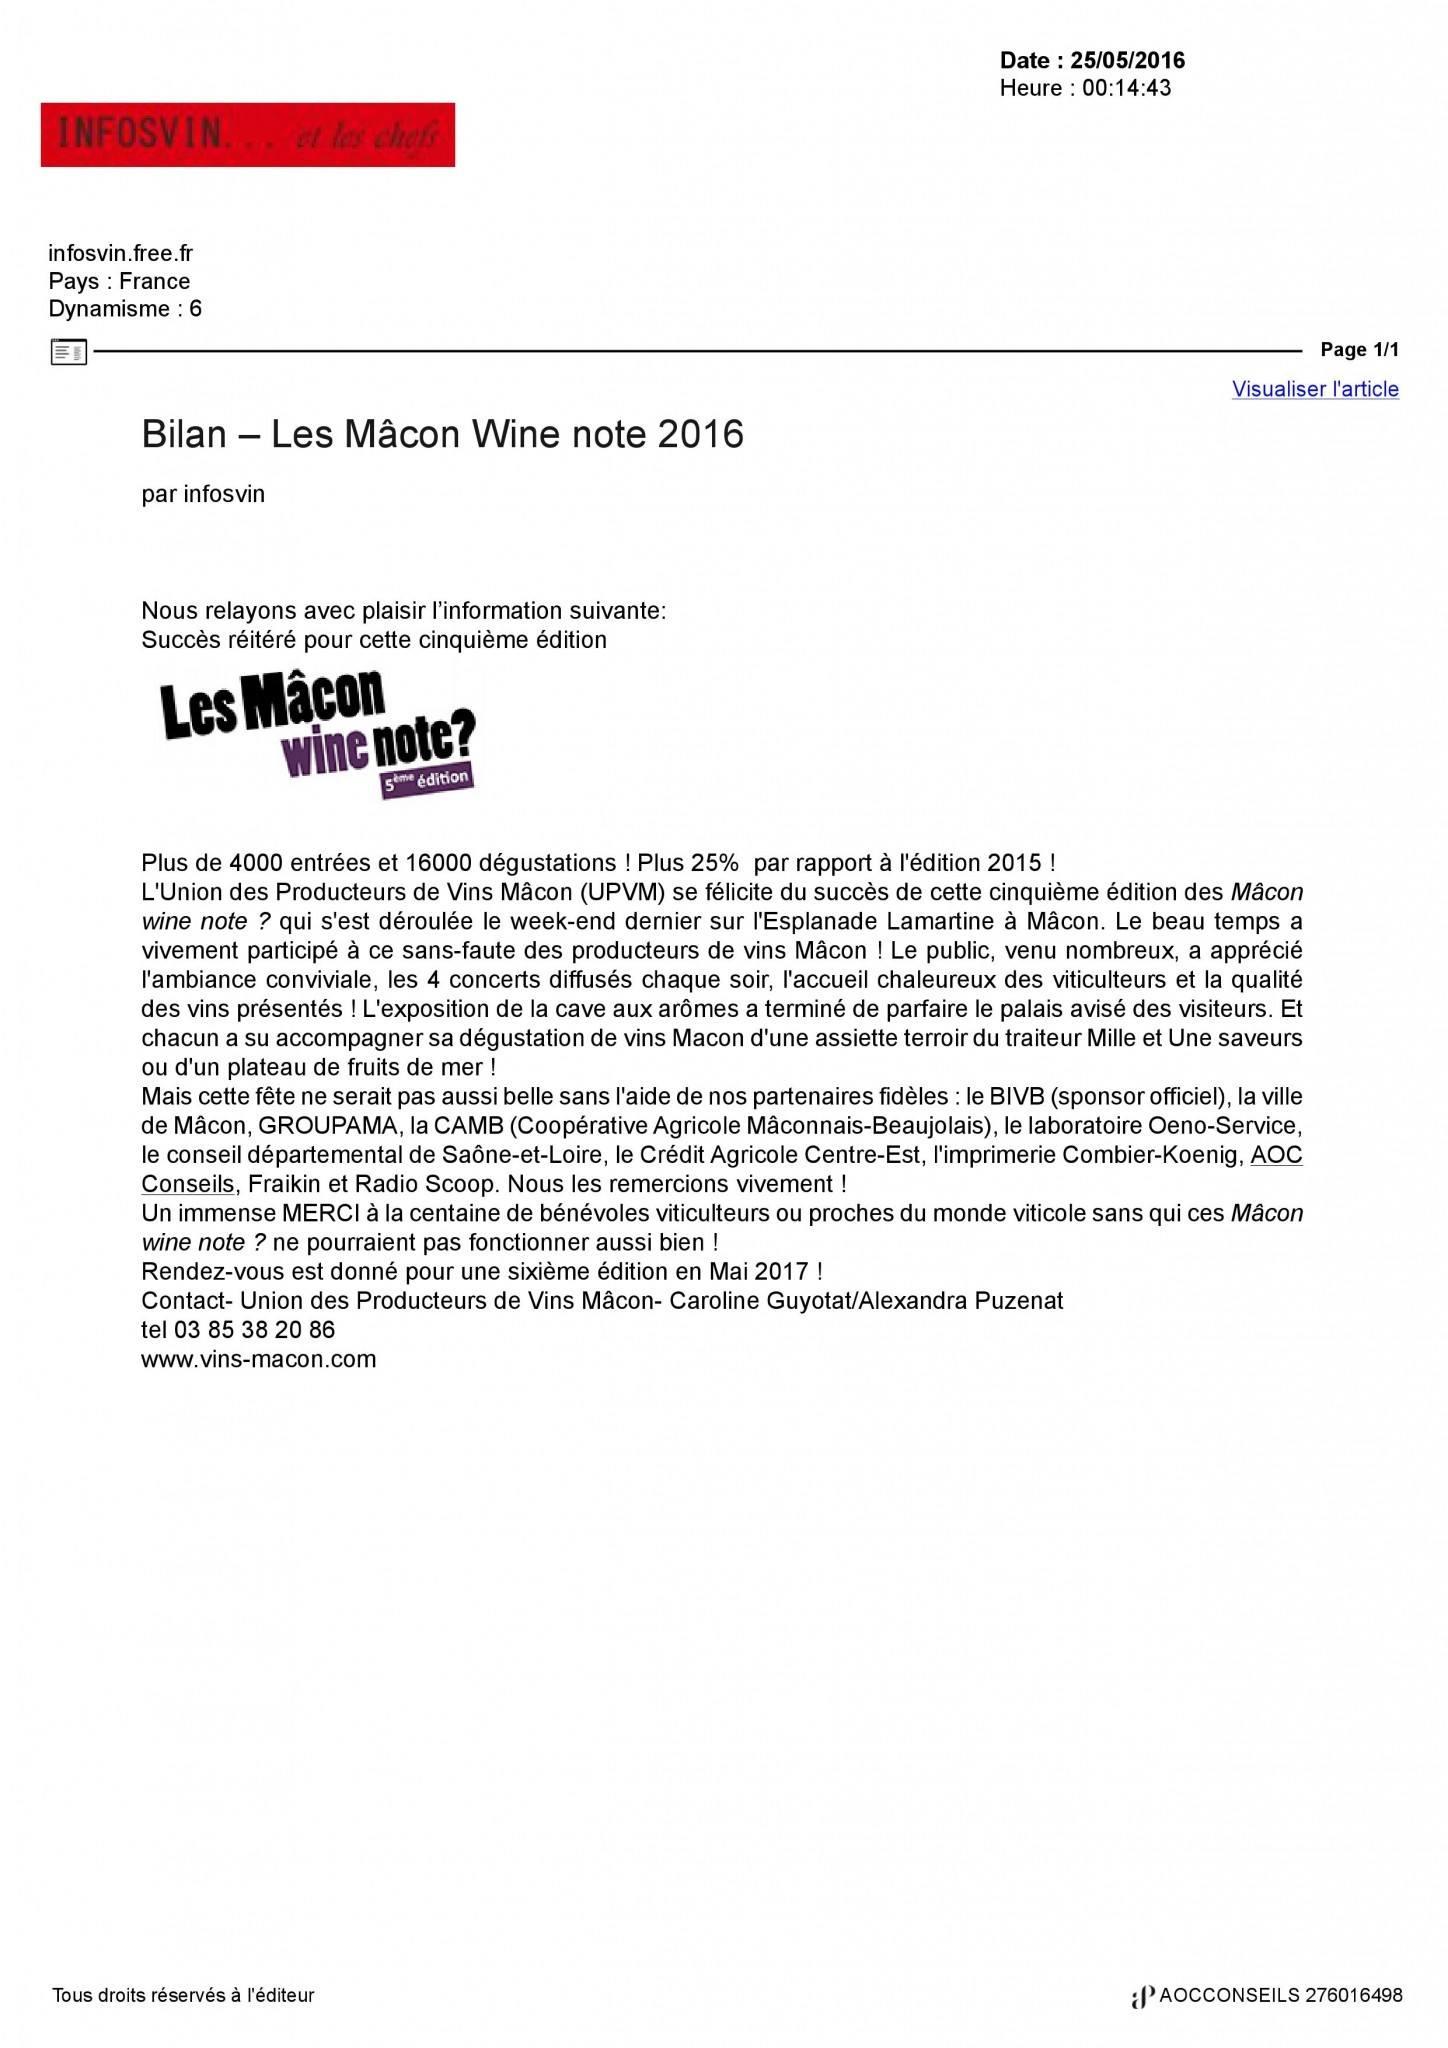 les maçon Wine note 2016